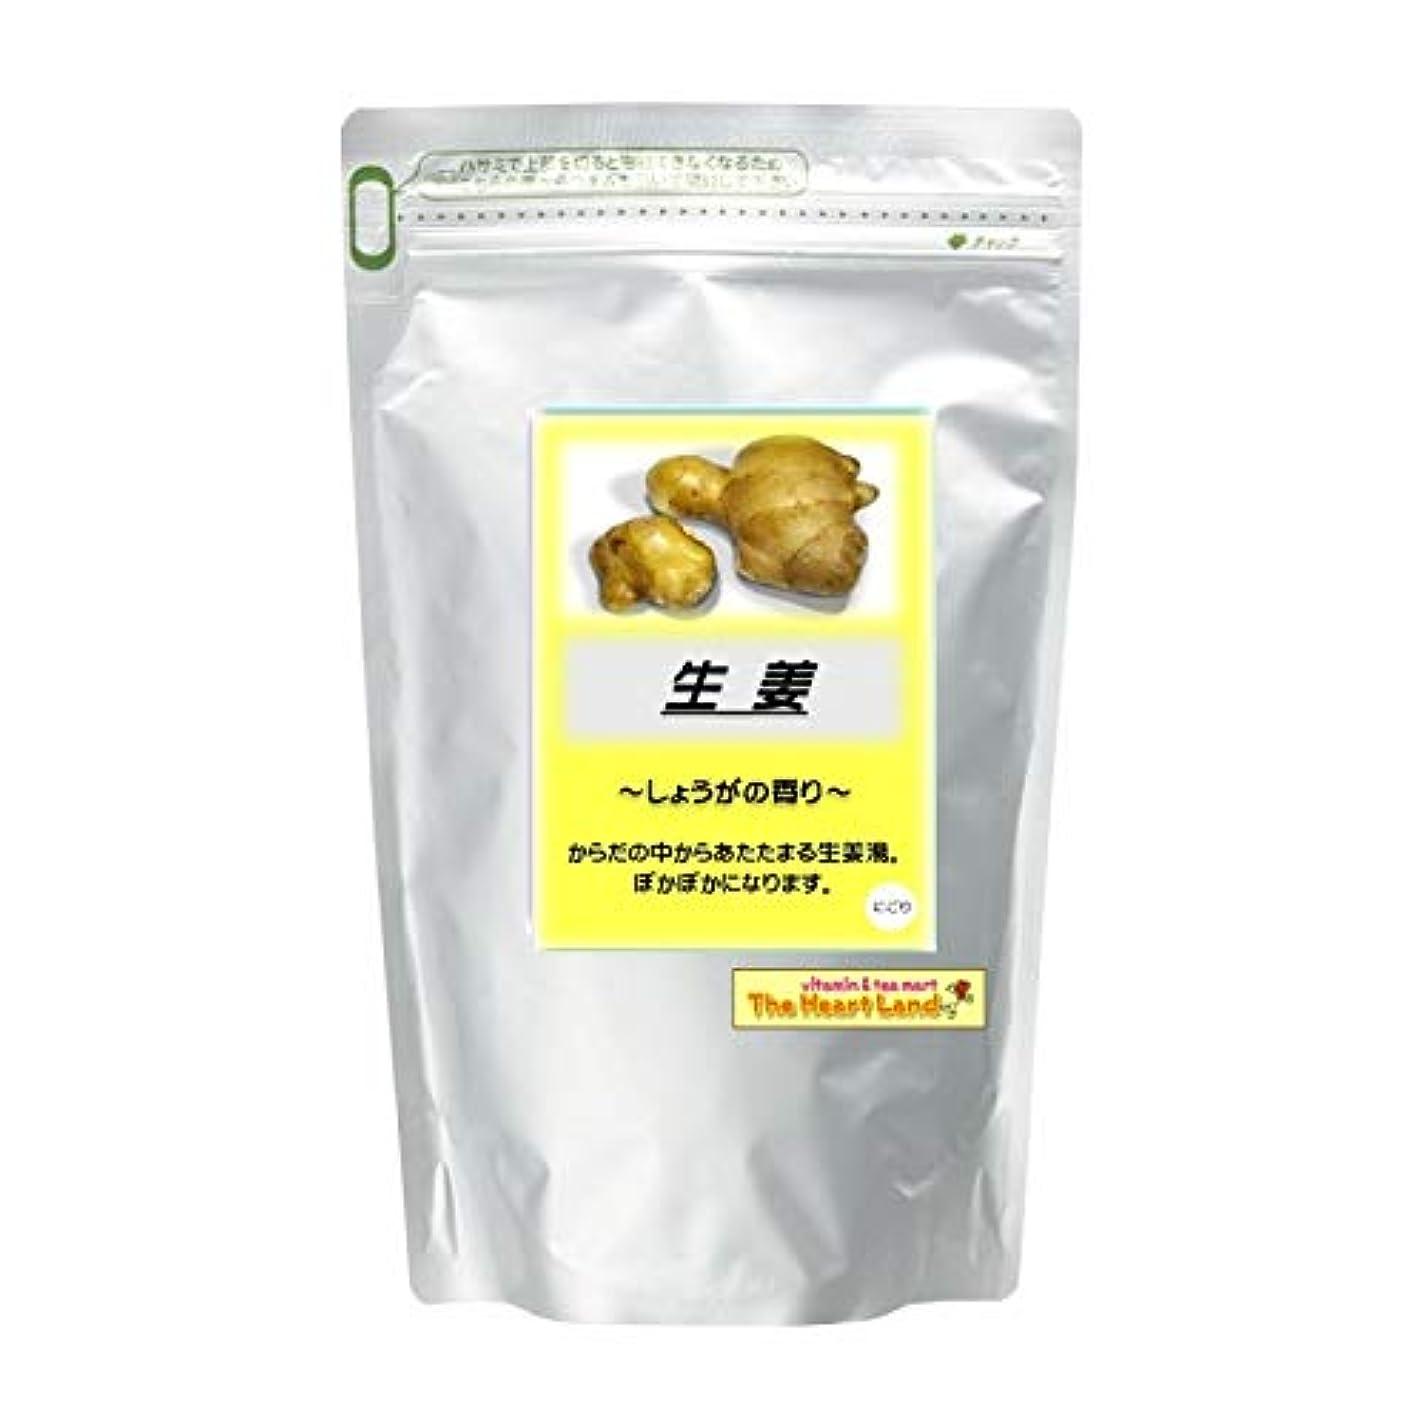 舗装するルー血まみれのアサヒ入浴剤 浴用入浴化粧品 生姜 2.5kg